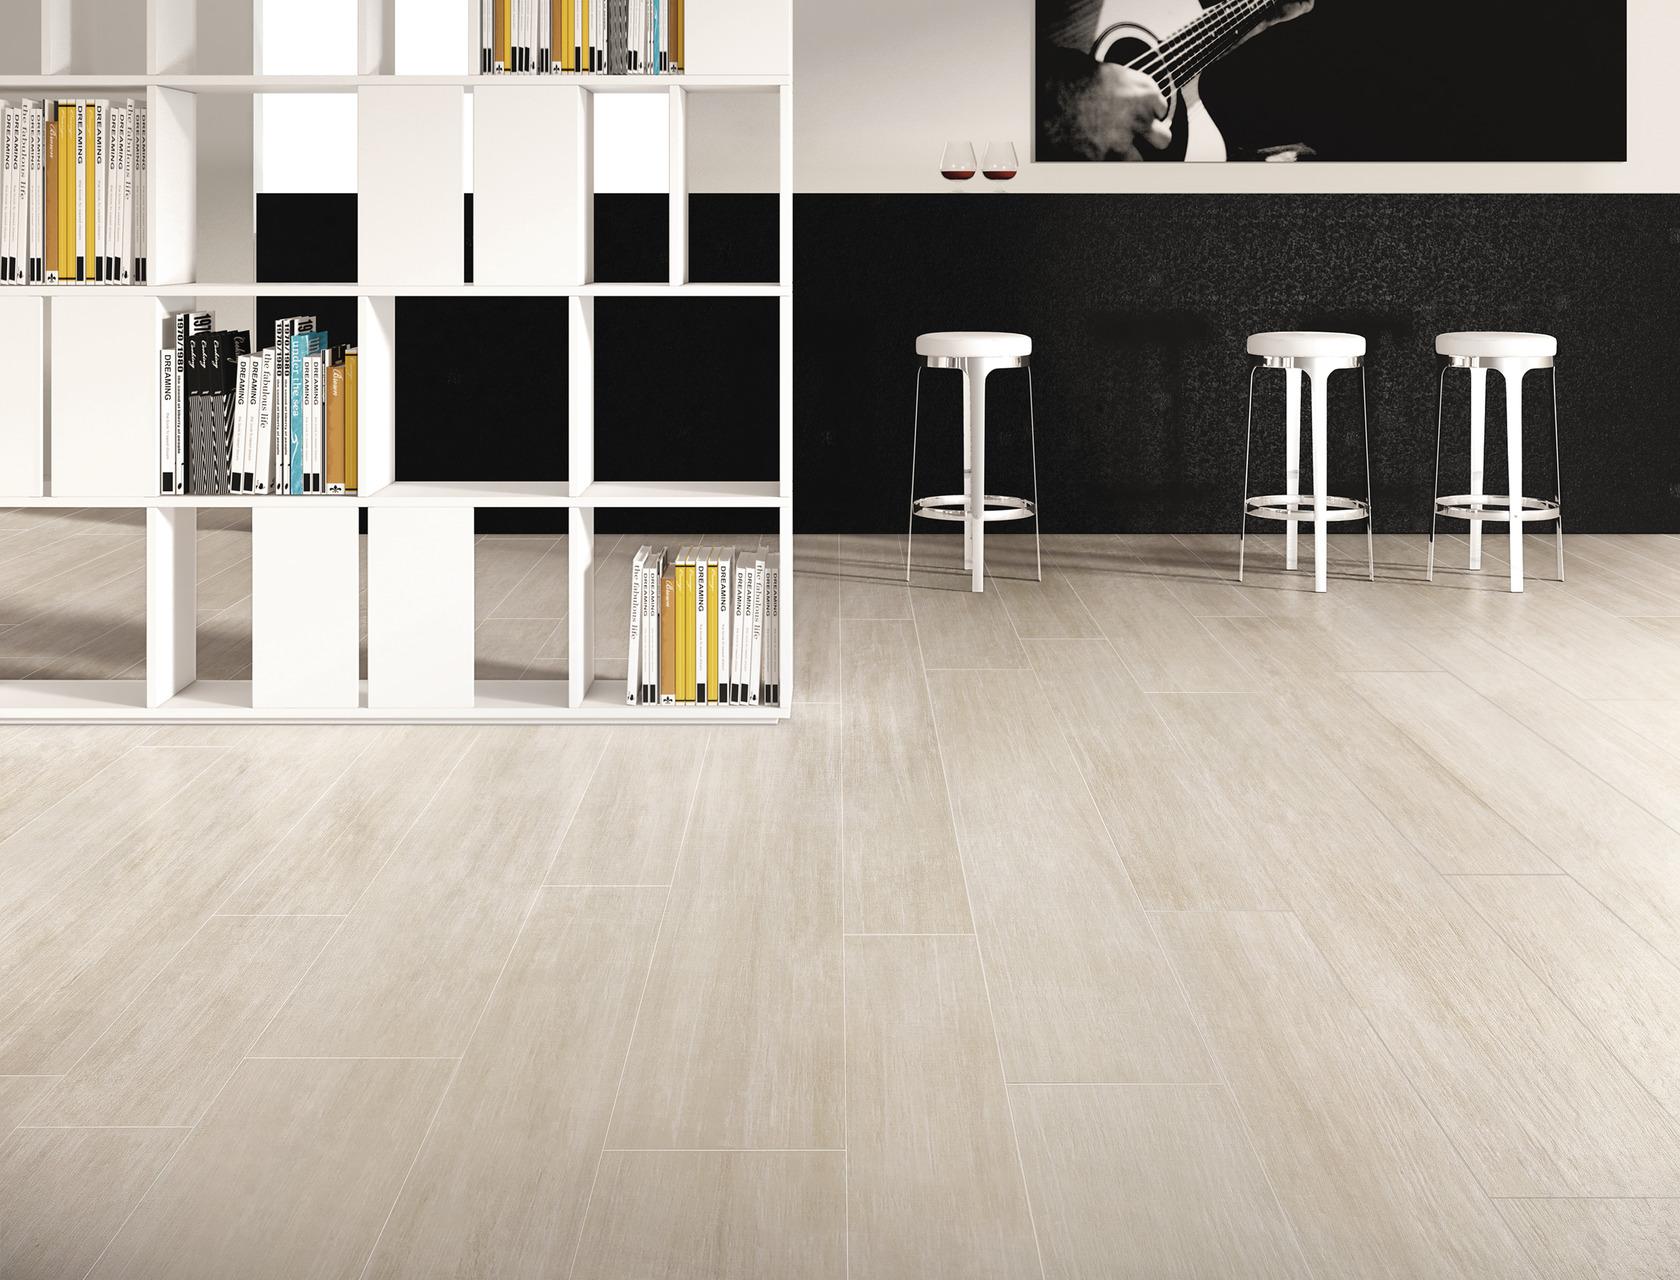 Gres effetto legno chiaro per pavimenti rivestimenti for Gres porcellanato grigio